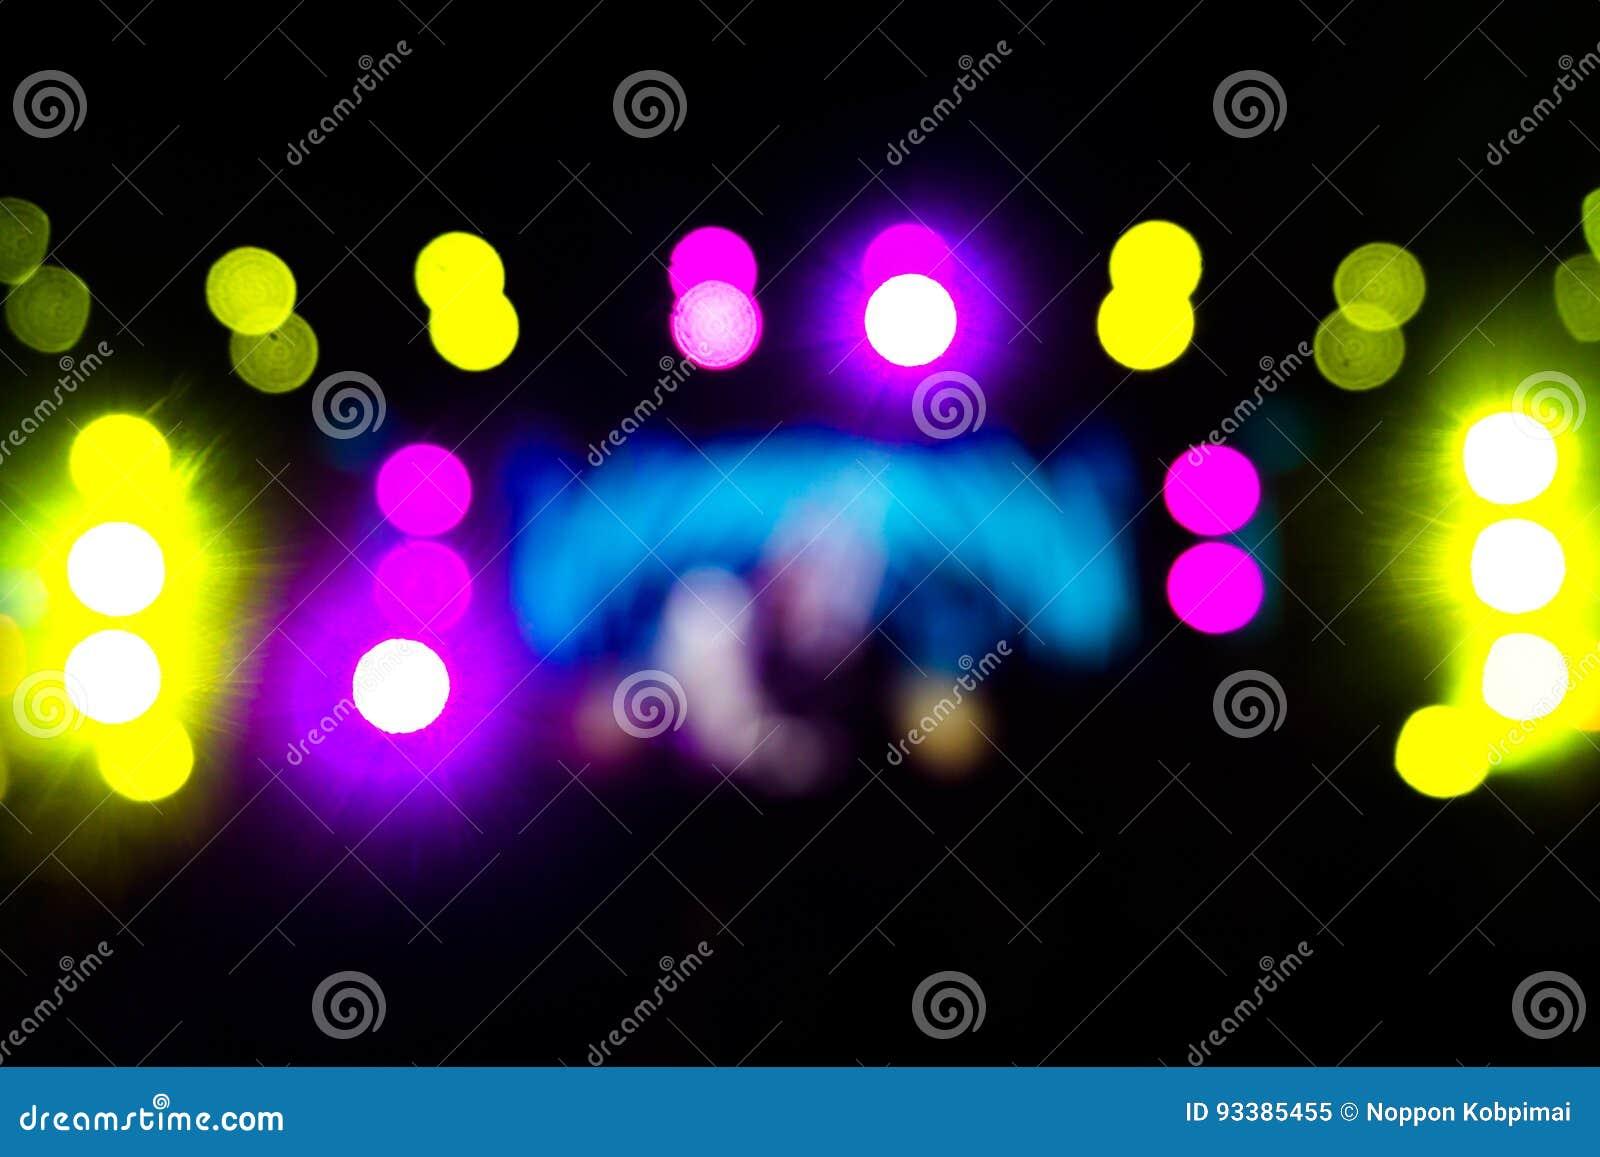 Φωτισμός συναυλίας ψυχαγωγίας Defocused στη σκηνή, παραμονή φεστιβάλ